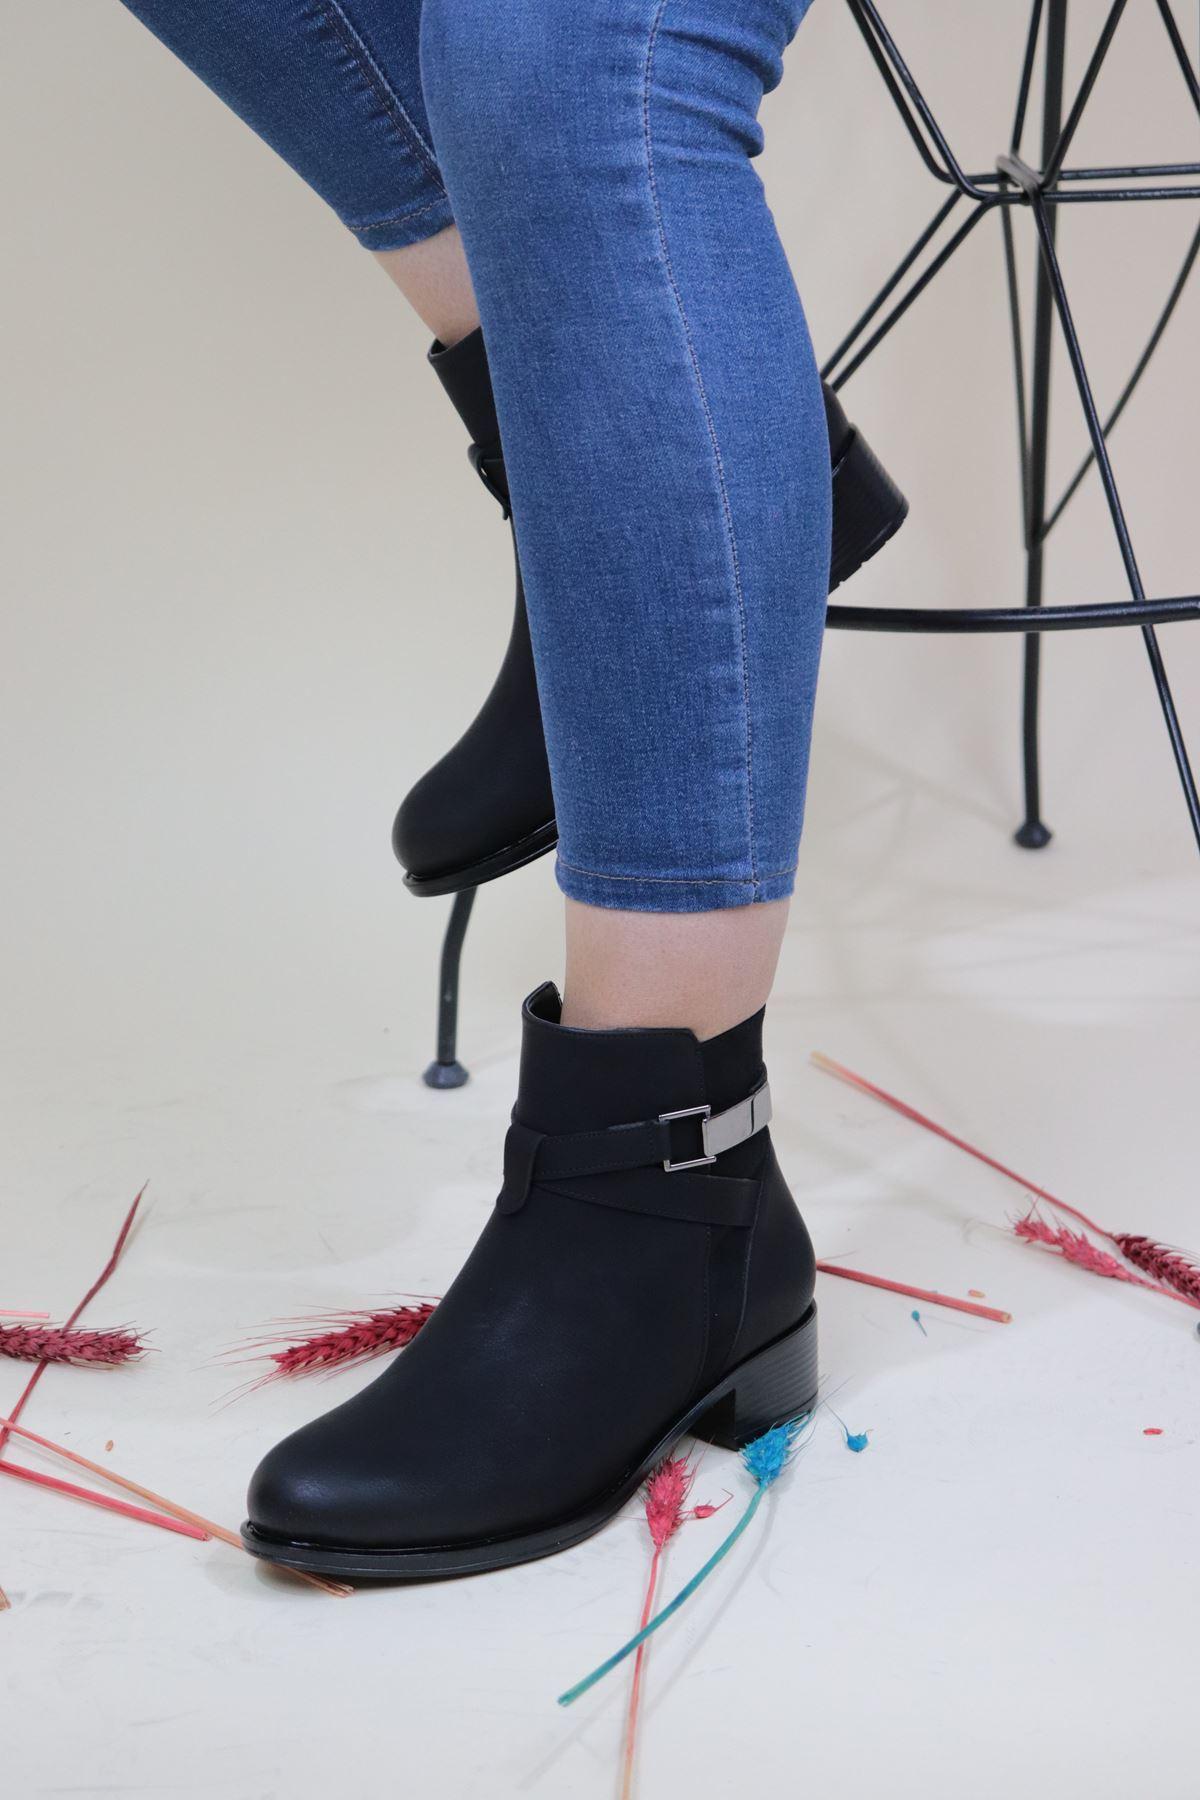 Trendayakkabi - Siyah Bileği Tokalı Kadın Bot